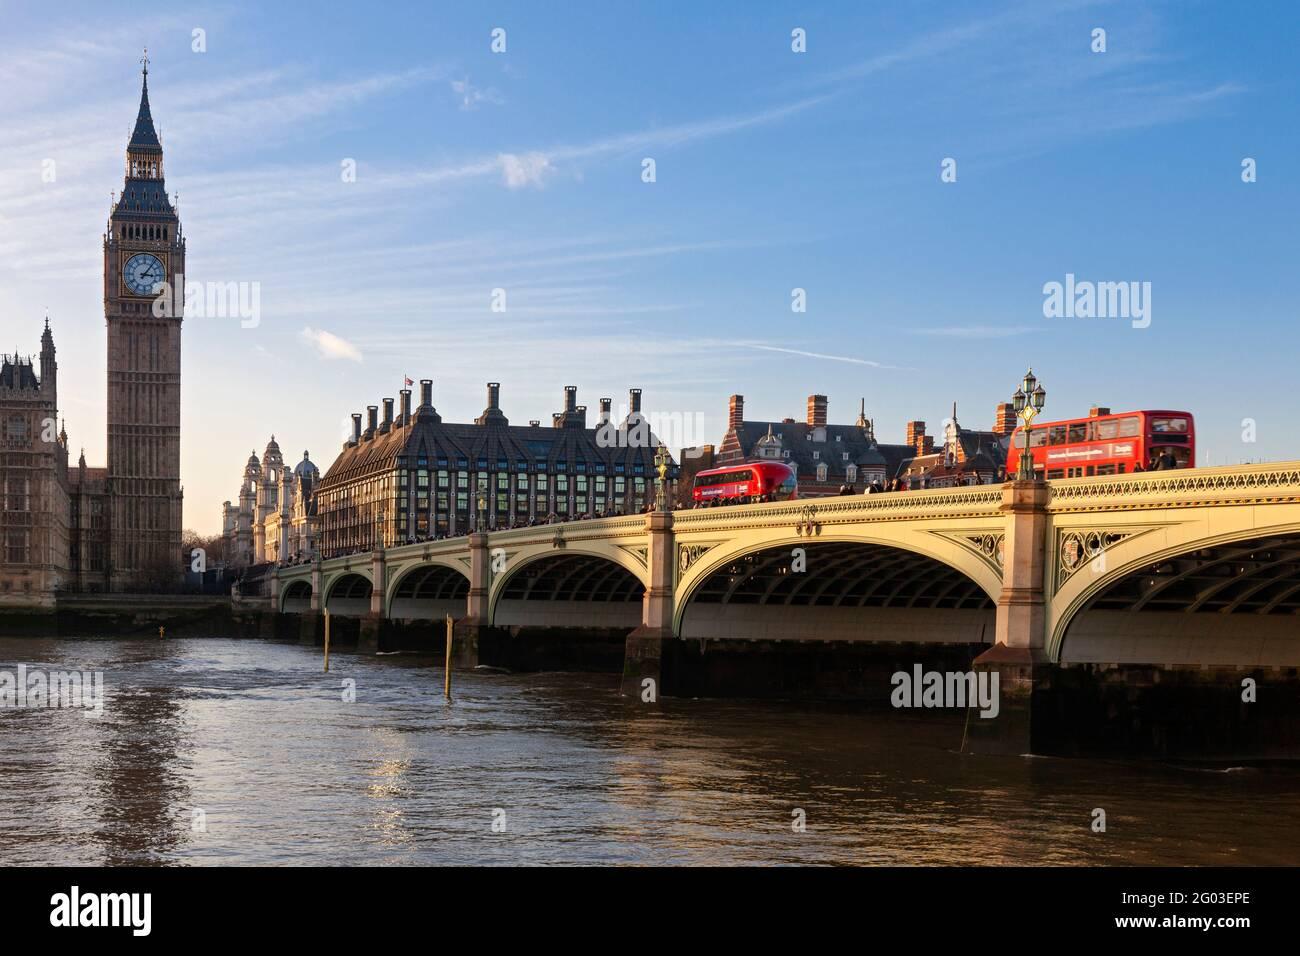 Reino Unido, Inglaterra, Londres, Westminster Bridge y Casas del Parlamento (Palacio de Westminster) Foto de stock